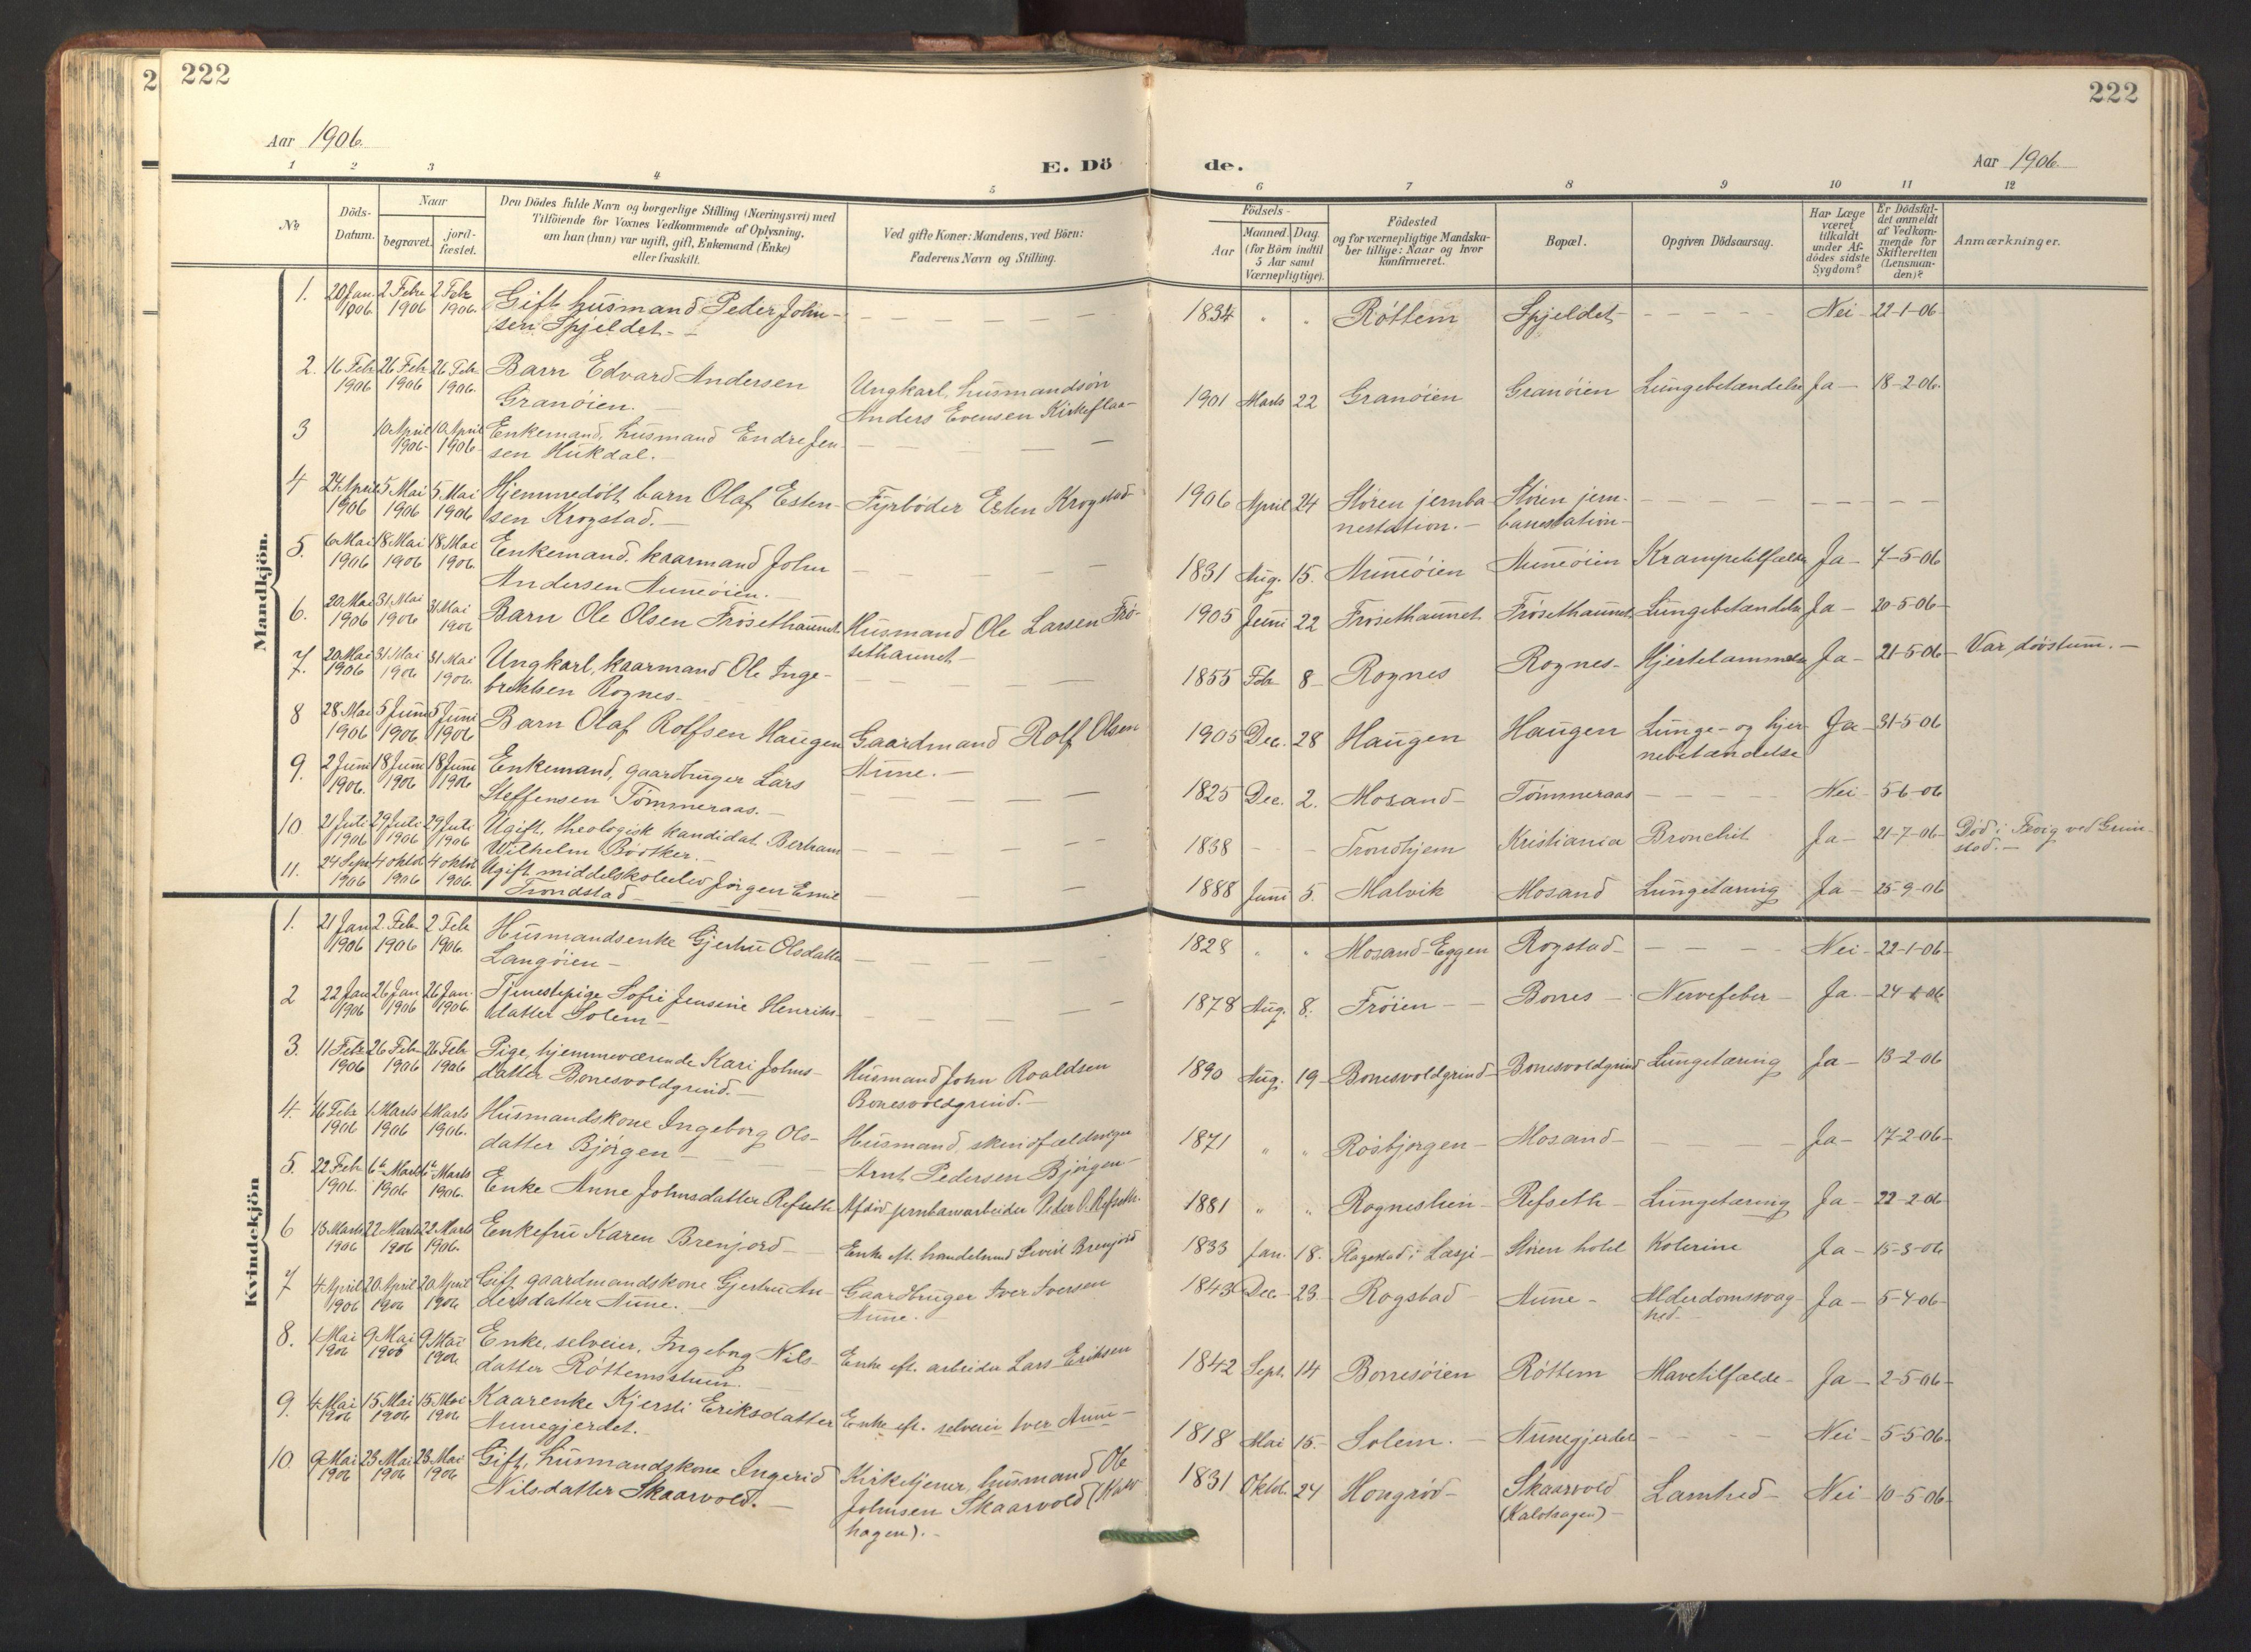 SAT, Ministerialprotokoller, klokkerbøker og fødselsregistre - Sør-Trøndelag, 687/L1019: Klokkerbok nr. 687C03, 1904-1931, s. 222